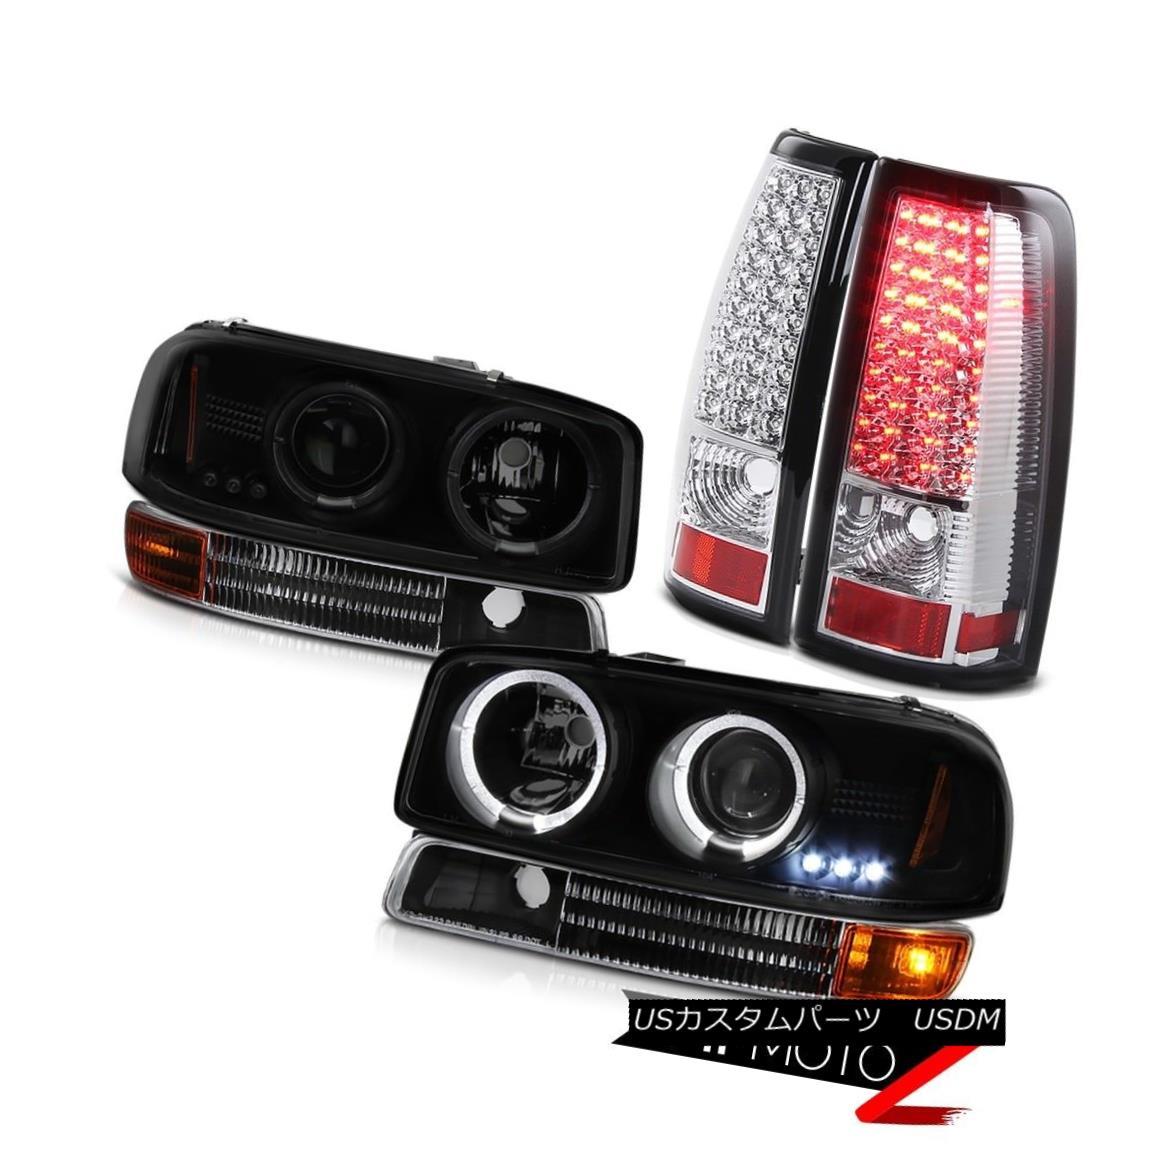 テールライト 04 05 06 GMC Sierra Black Smoke Halo Headlights Matte Signal SMD Rear Tail Light 04 05 06 GMC Sierra BlackスモークヘイローヘッドライトマットシグナルSMDリアテールライト